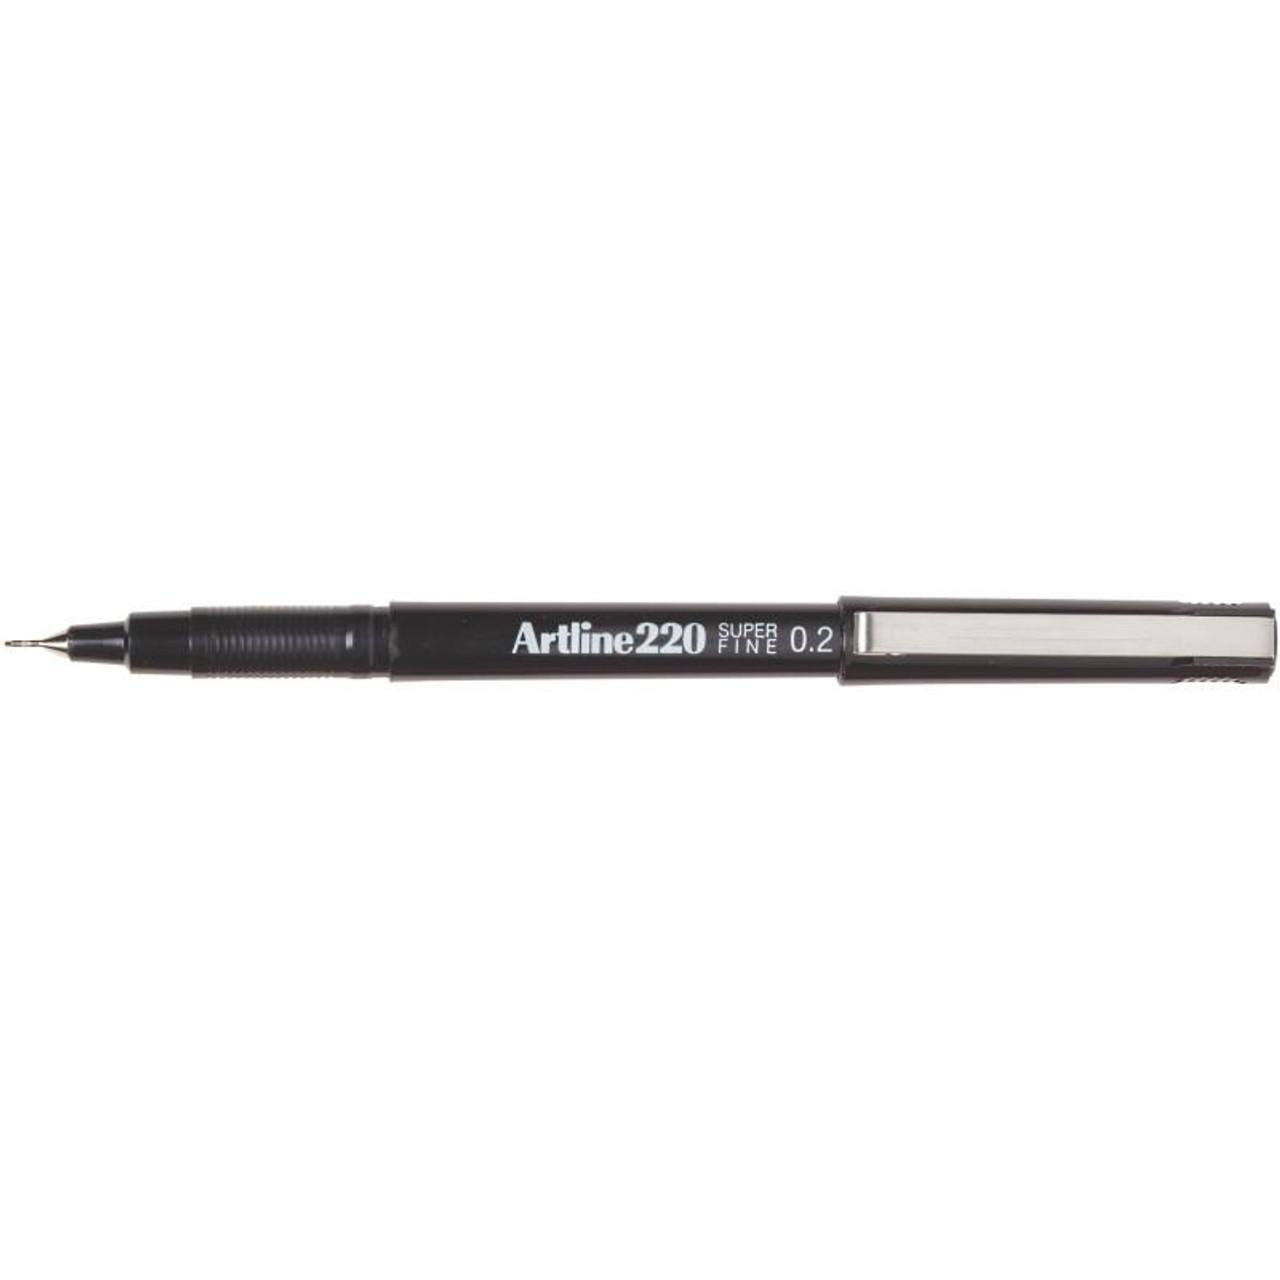 ARTLINE 220 FINELINER PEN, BLACK